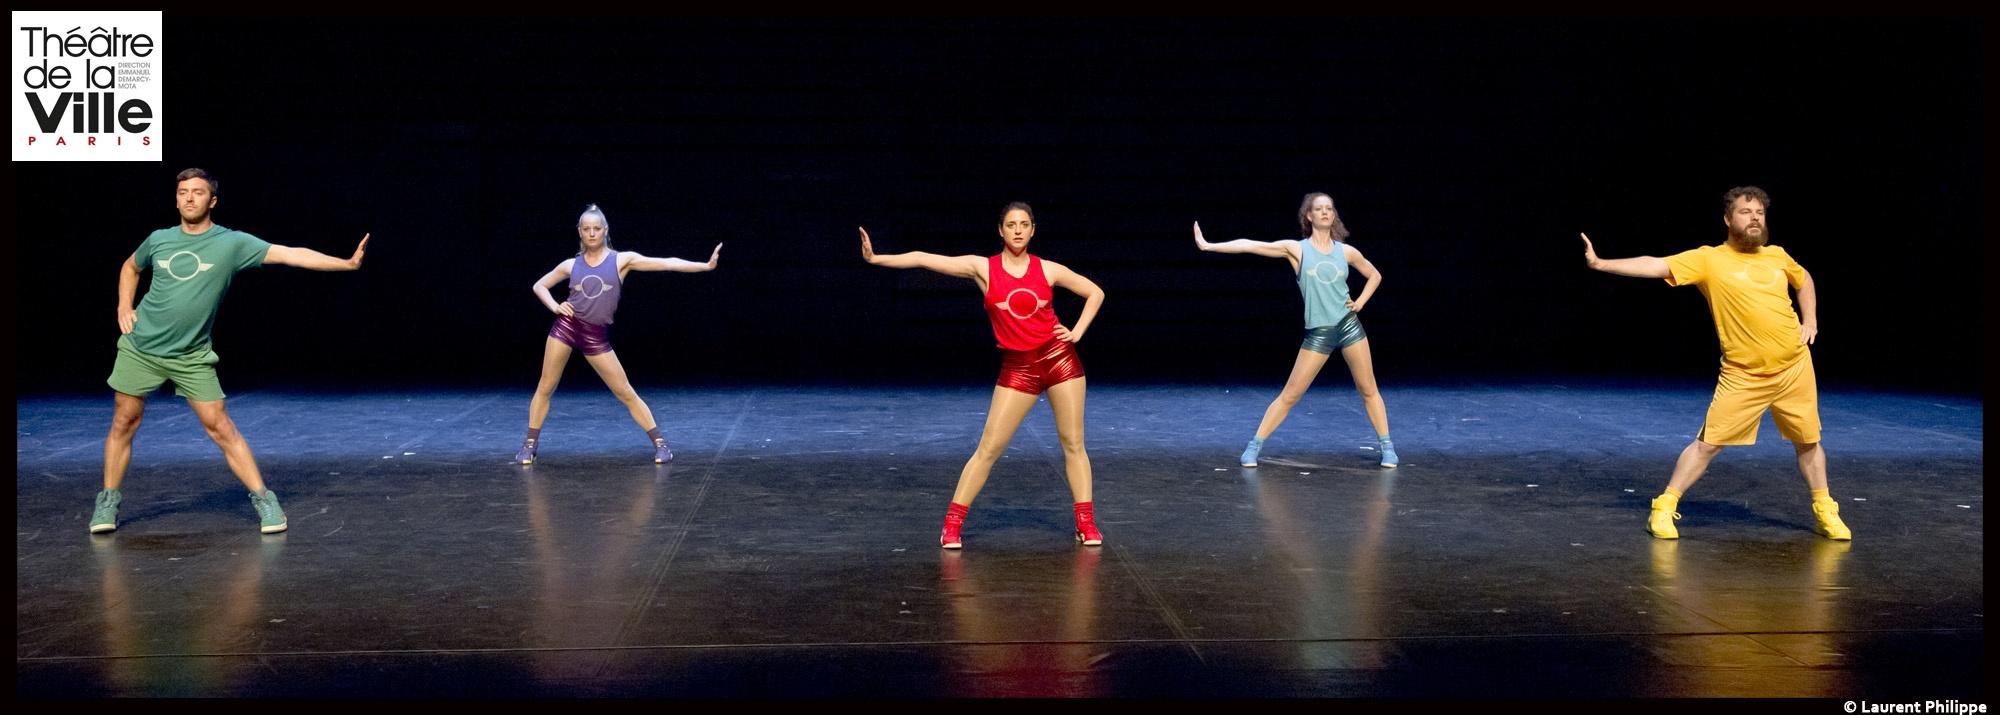 Couv_Aerobics_Paula_Rosolen_Theatre_Ville_©Laurent_Philippe_@loeildoliv